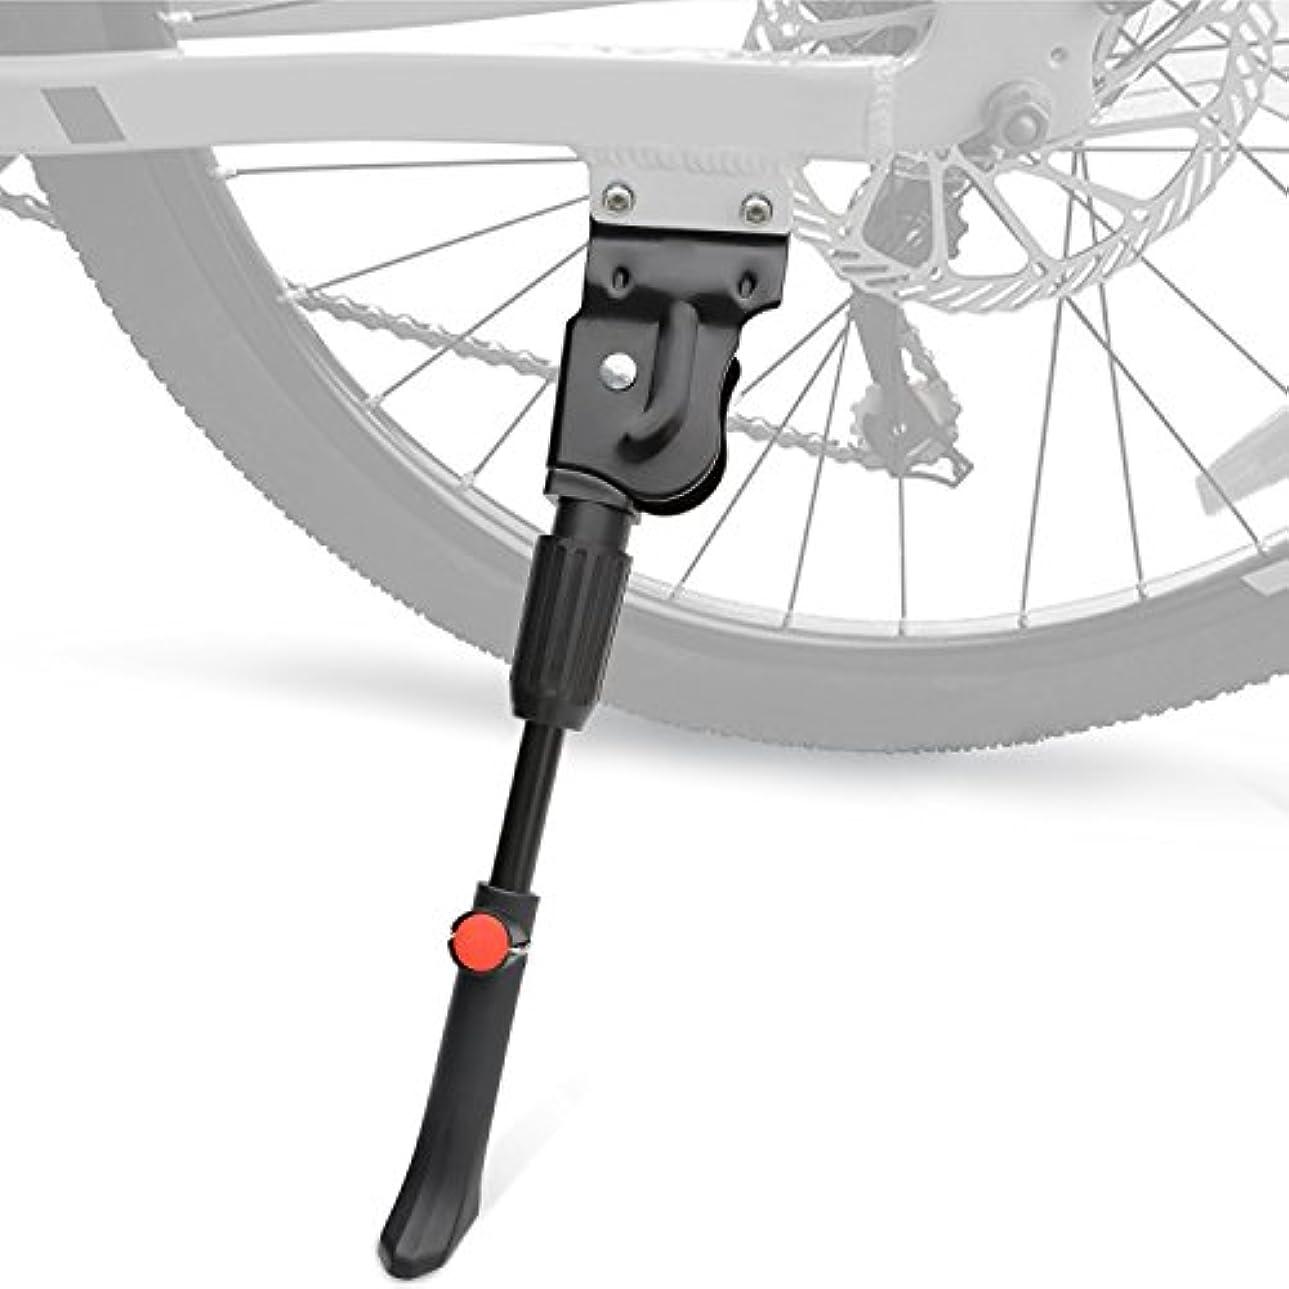 レビュアー家主技術的なTOPCABIN 自転車キックスタンド 調節可能 自転車キックスタンド 自転車サイドキックスタンド 自転車 20インチ - 27インチ マウンテンロードバイク/BMX/MTB用